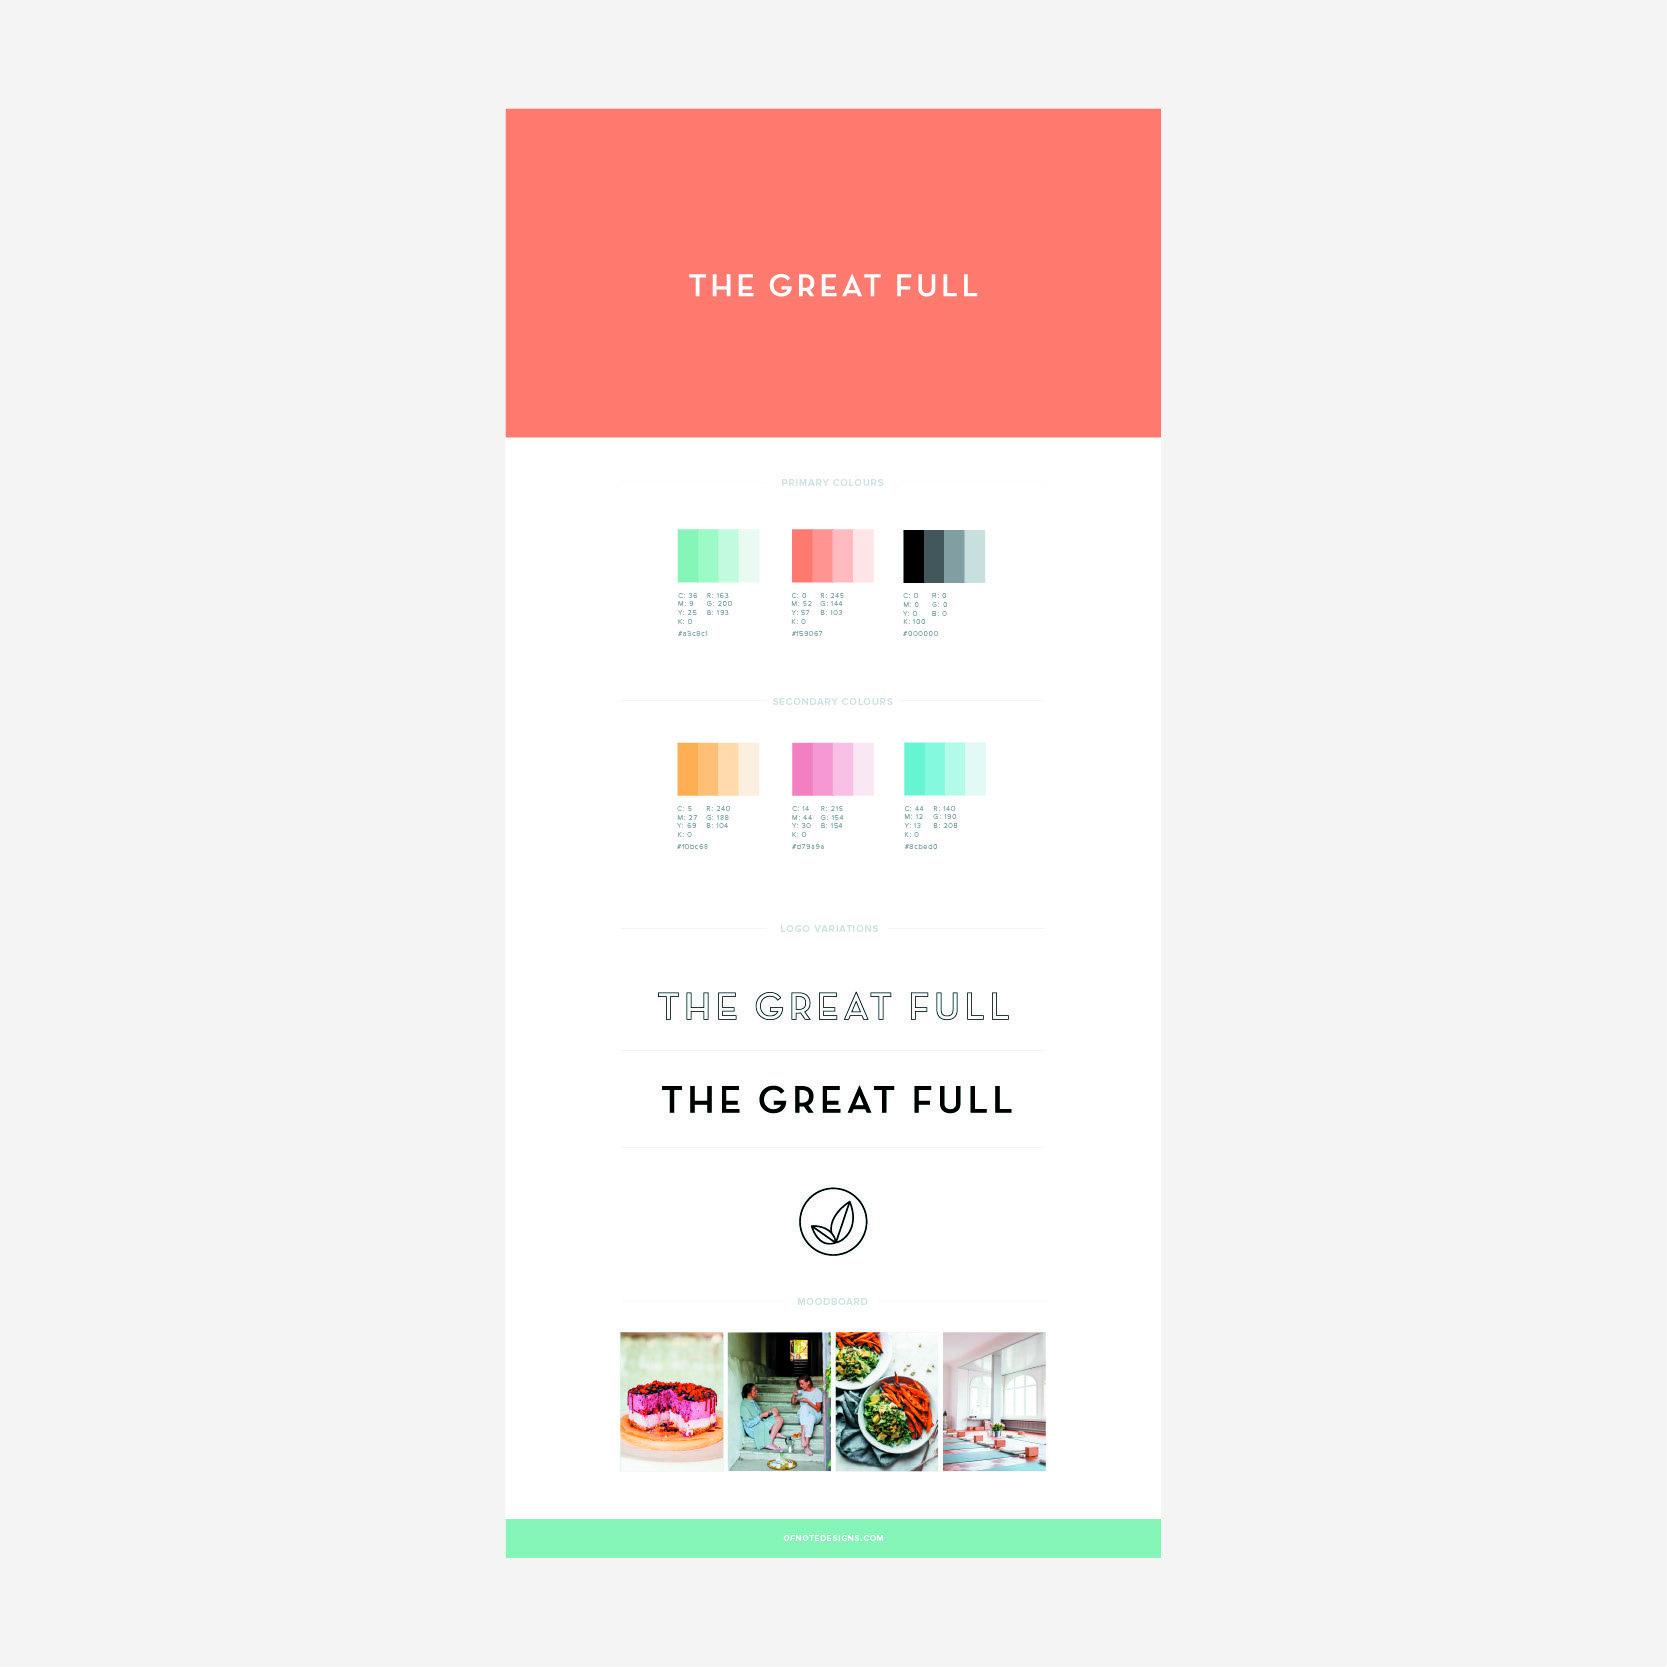 The Grate Full4.jpg